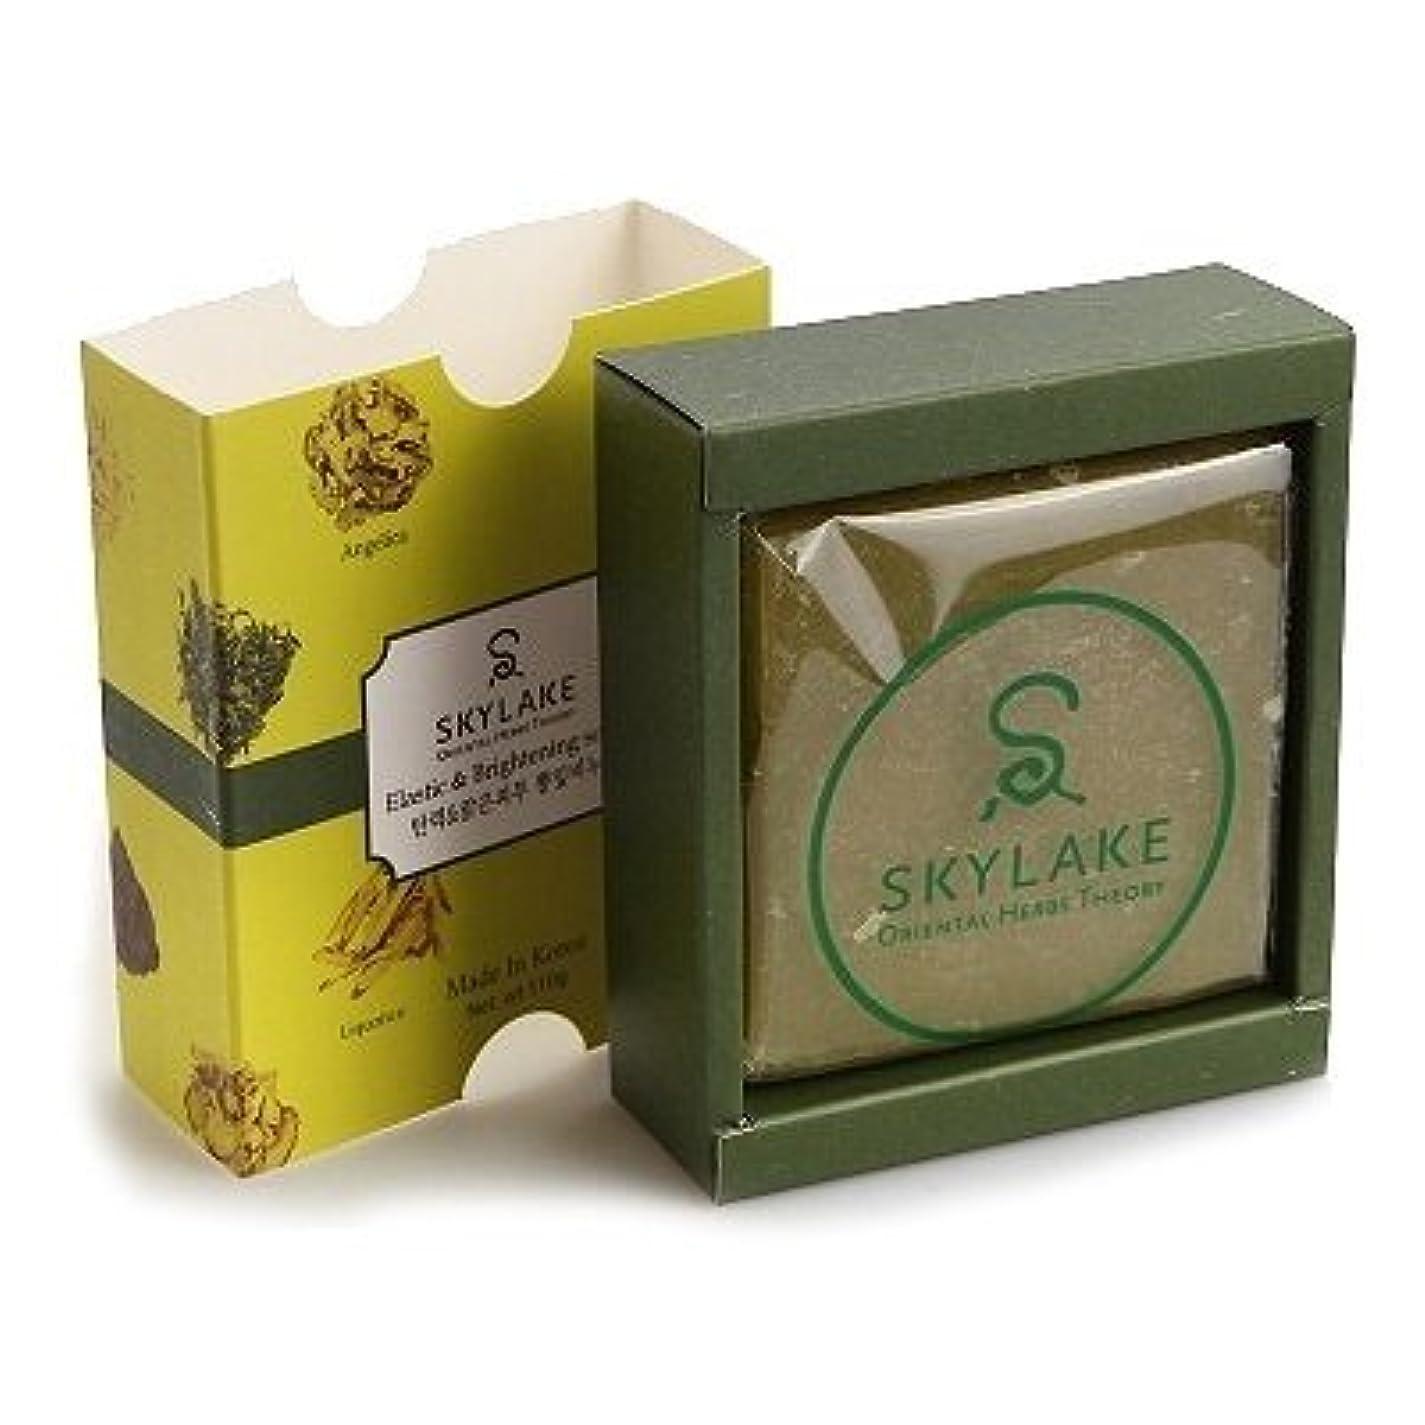 再編成する豚軽蔑するハヌルホス[Skylake] 漢方アロマ石鹸Oriental Herbs Theory Soap (ハリ改.善&ブライトニング用)